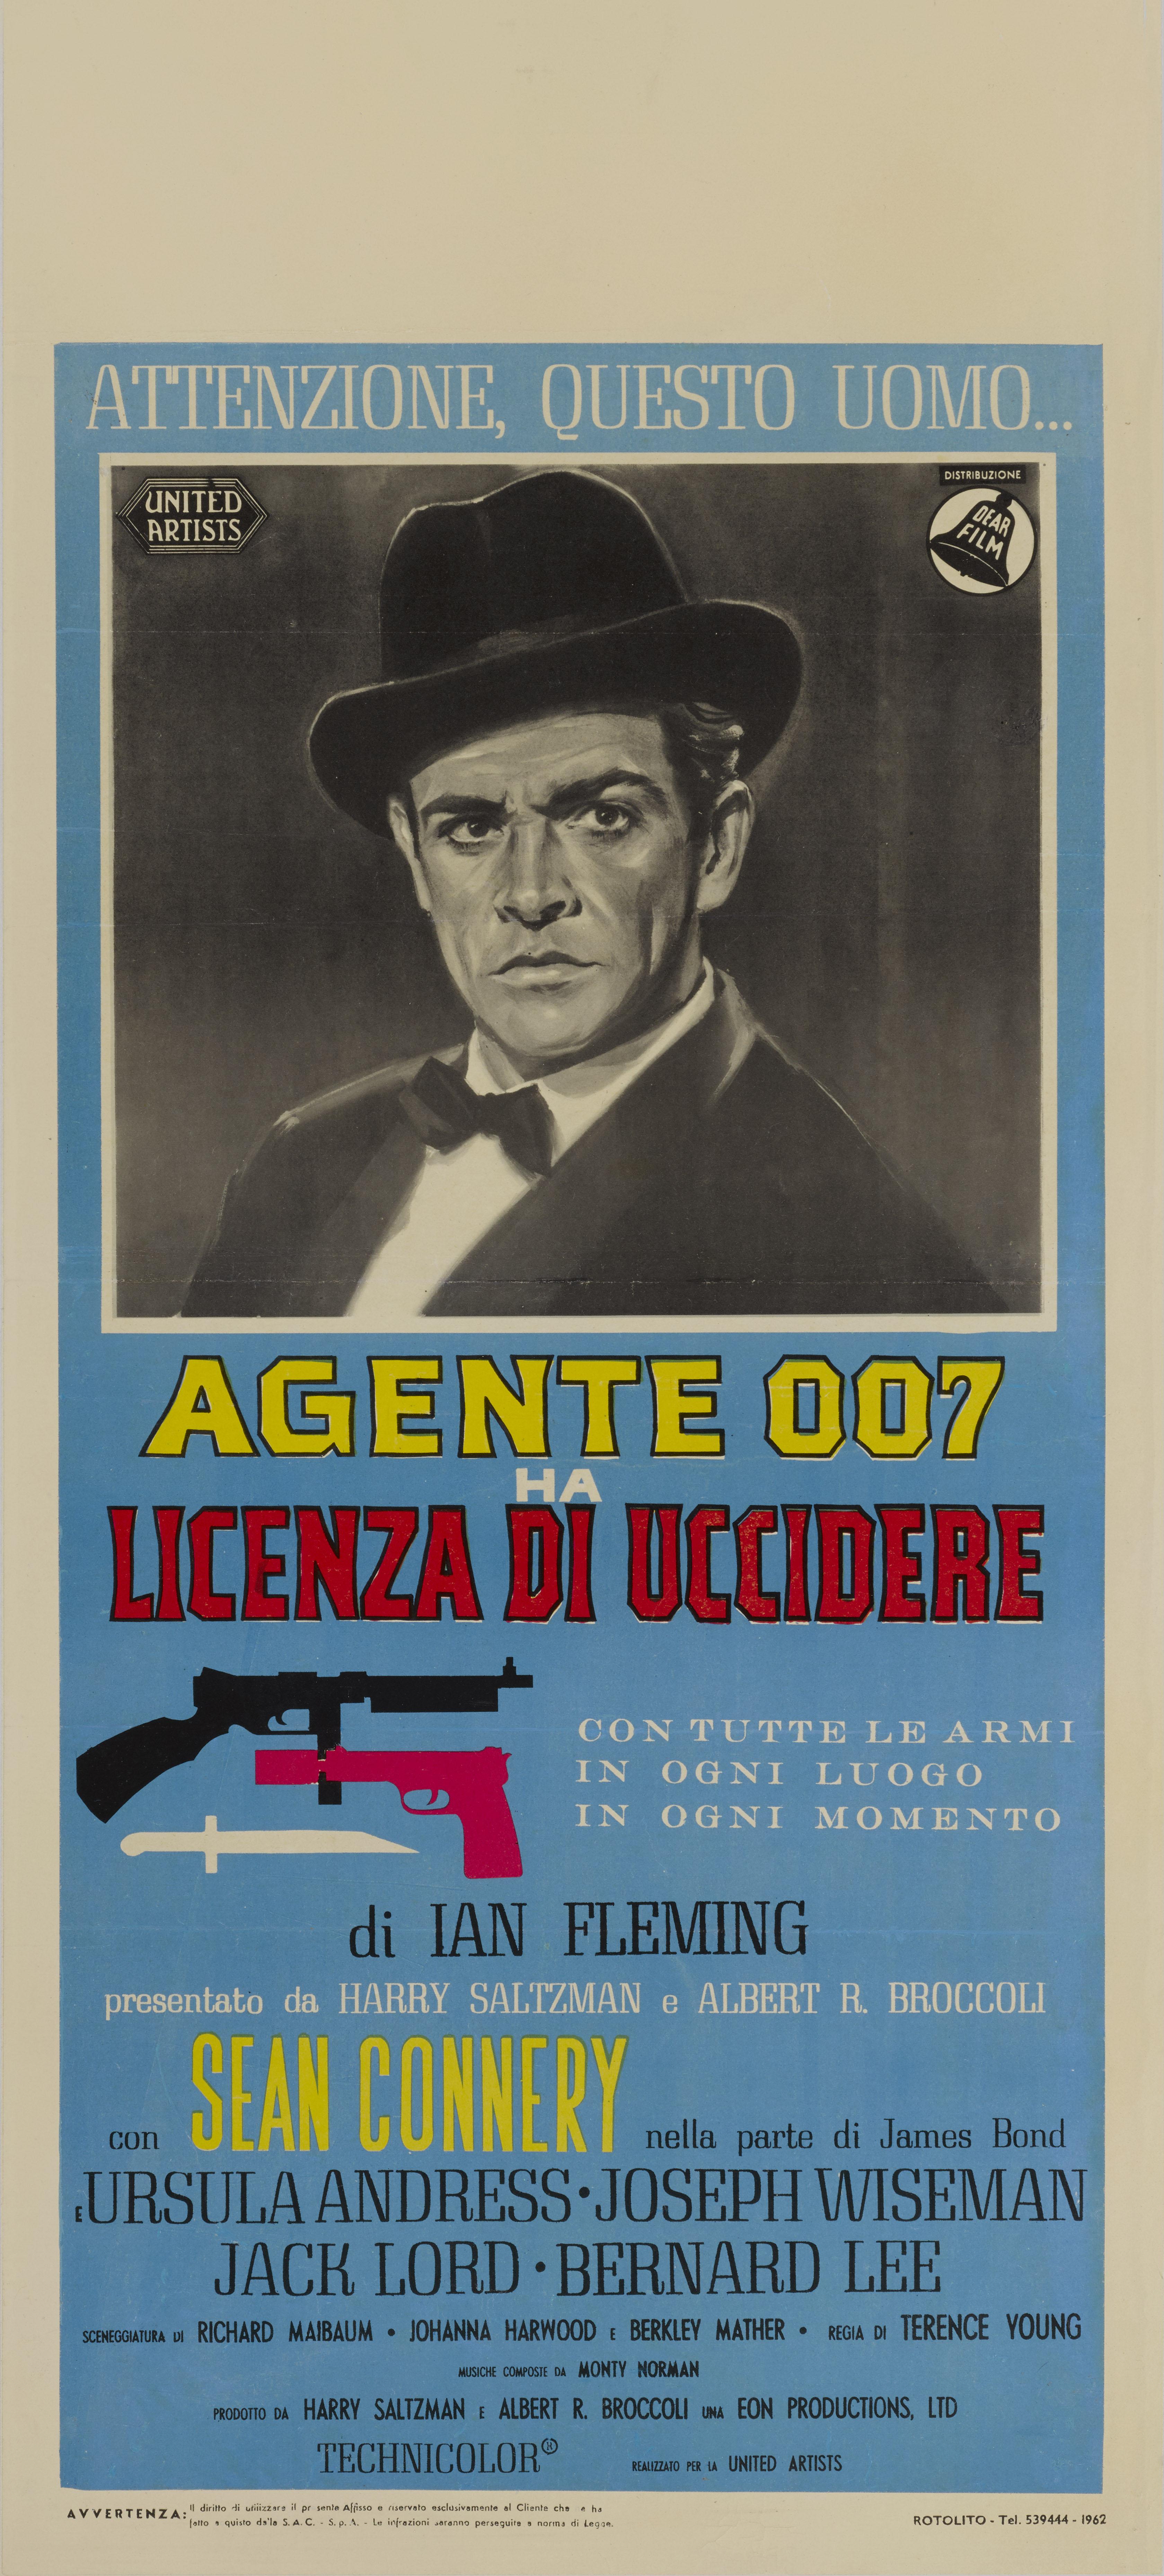 DR. NO / AGENTE 007 - LICENZA DI UCCIDERE (1962) POSTER, ITALIAN